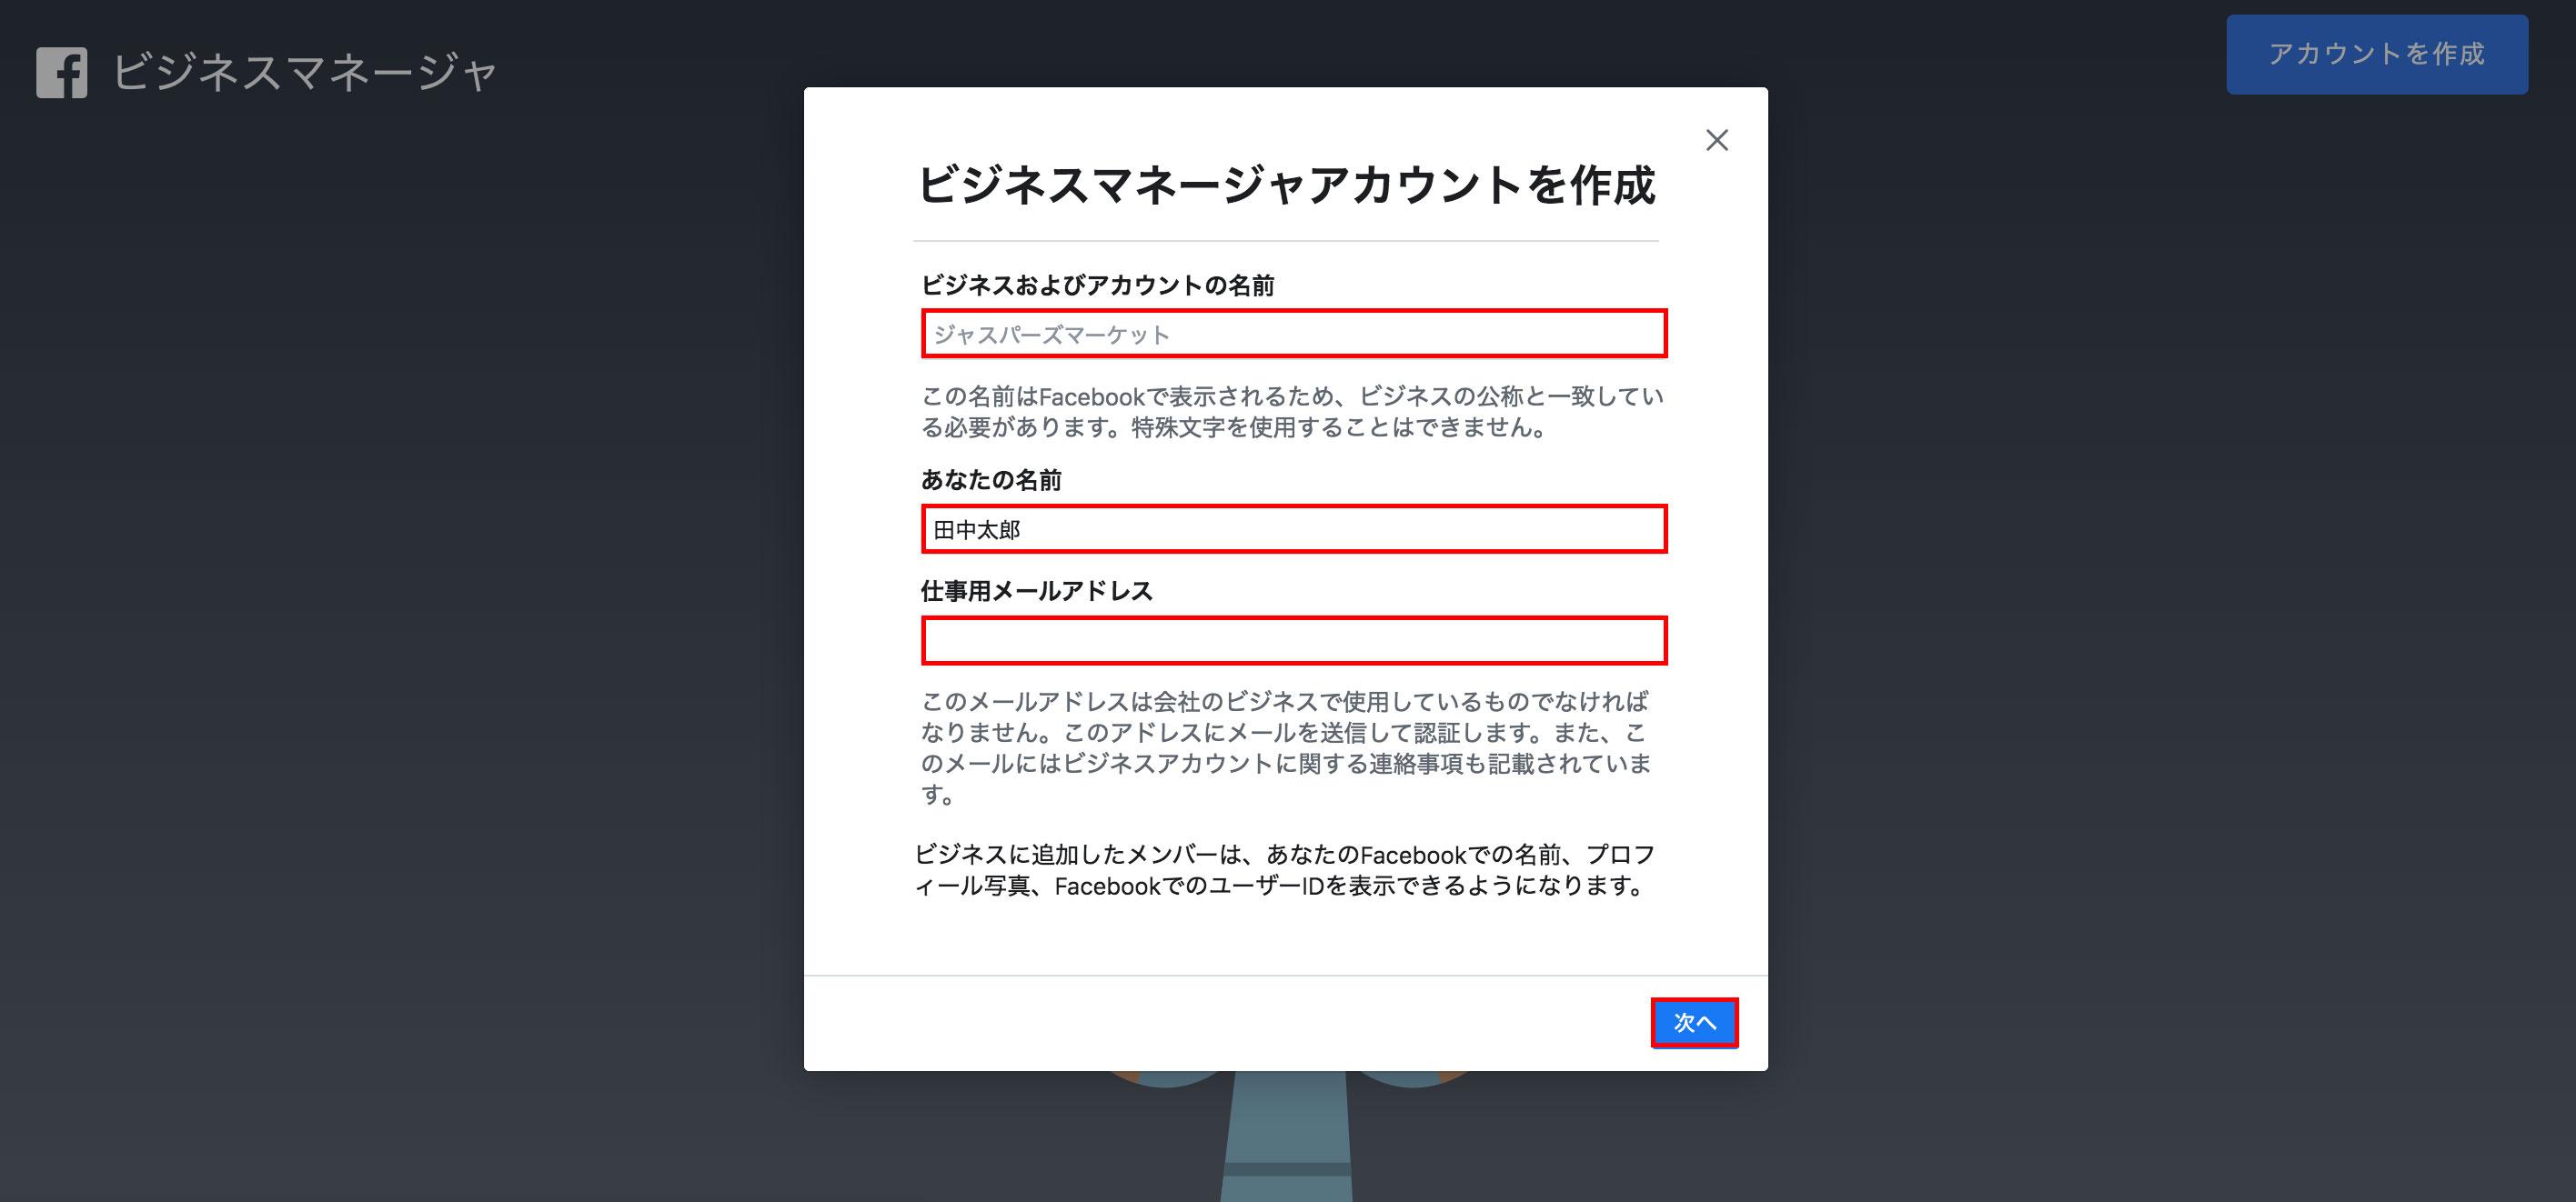 Facebookビジネスマネージャー の登録画面